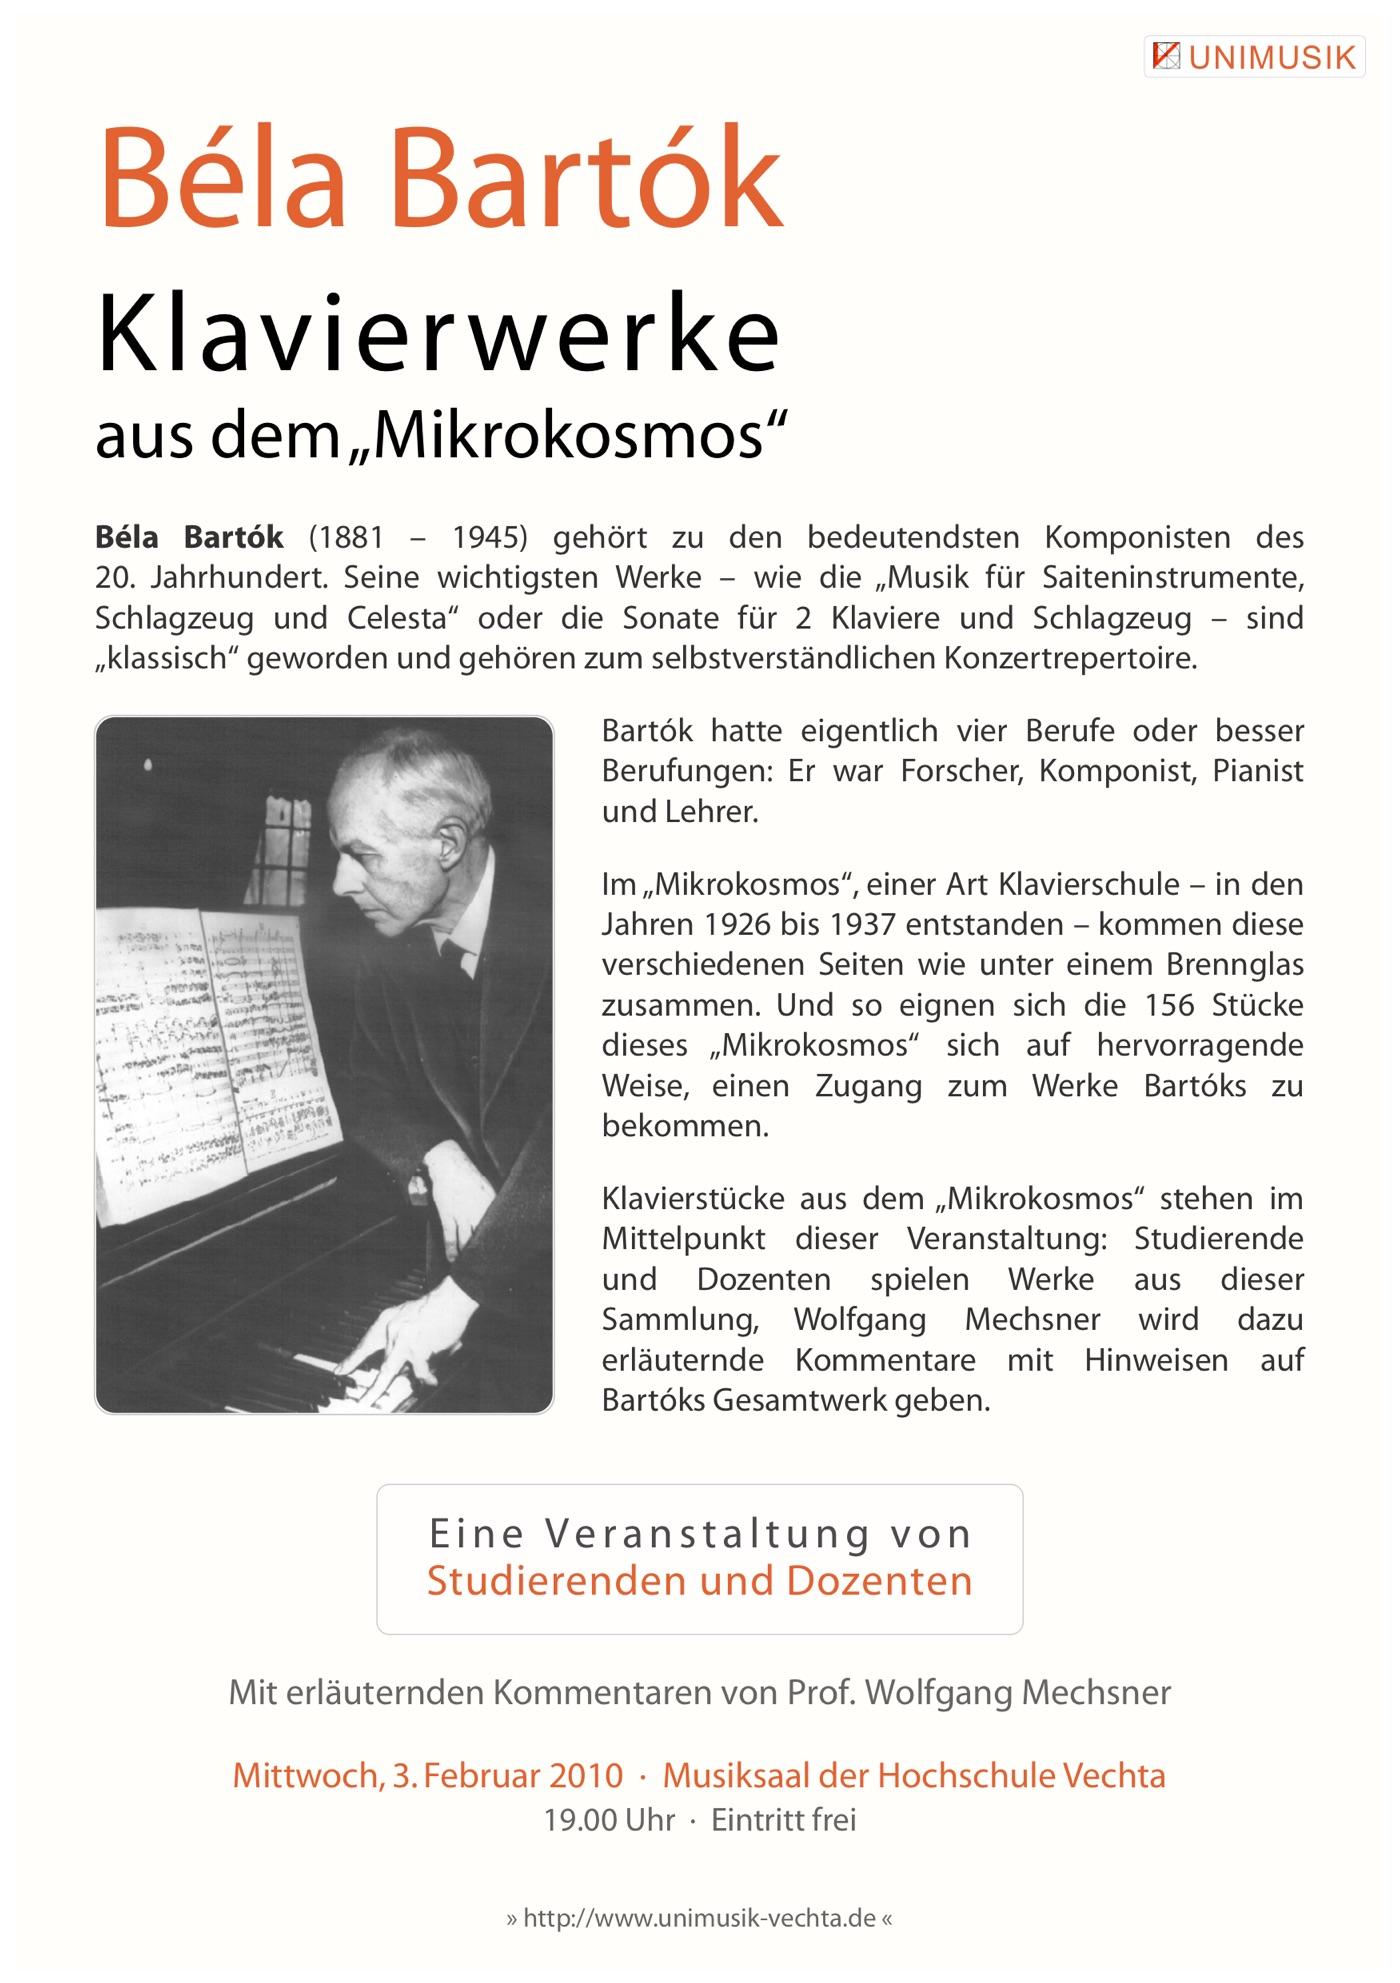 Flyer · Bela Bartok · UNIMUSIK